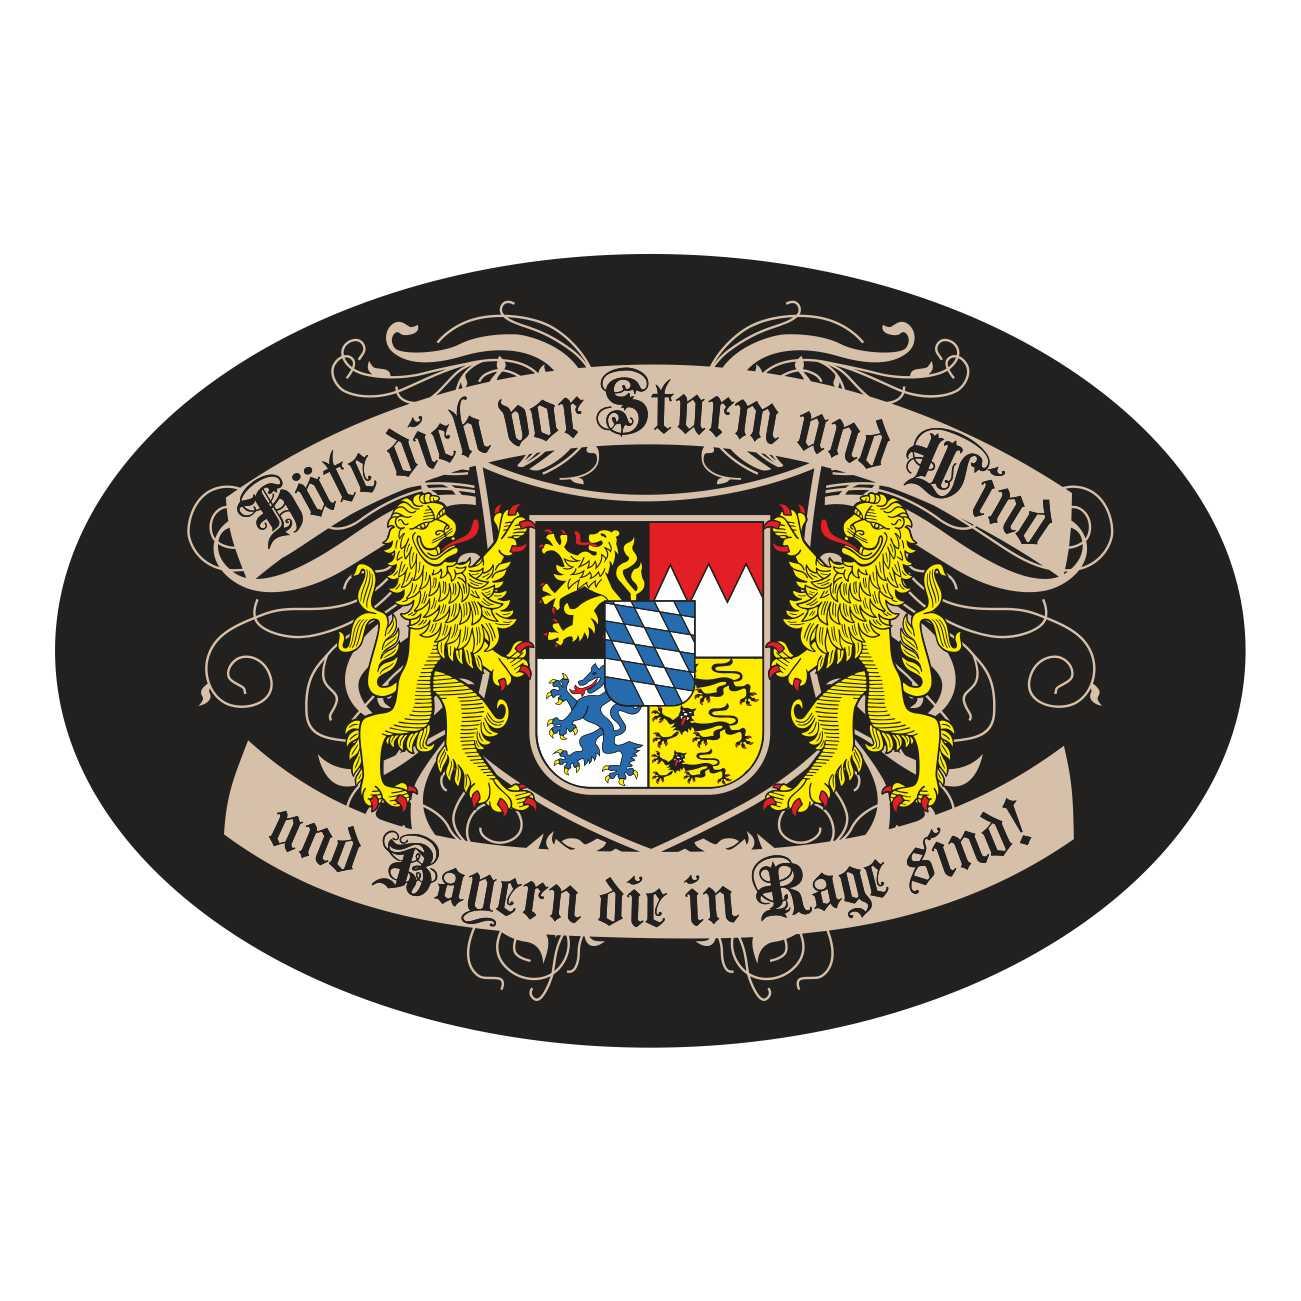 Details Zu Aufkleber Wetterfest Bayern In Rage Freistaat Bairisch Auto Aussen Bavaria